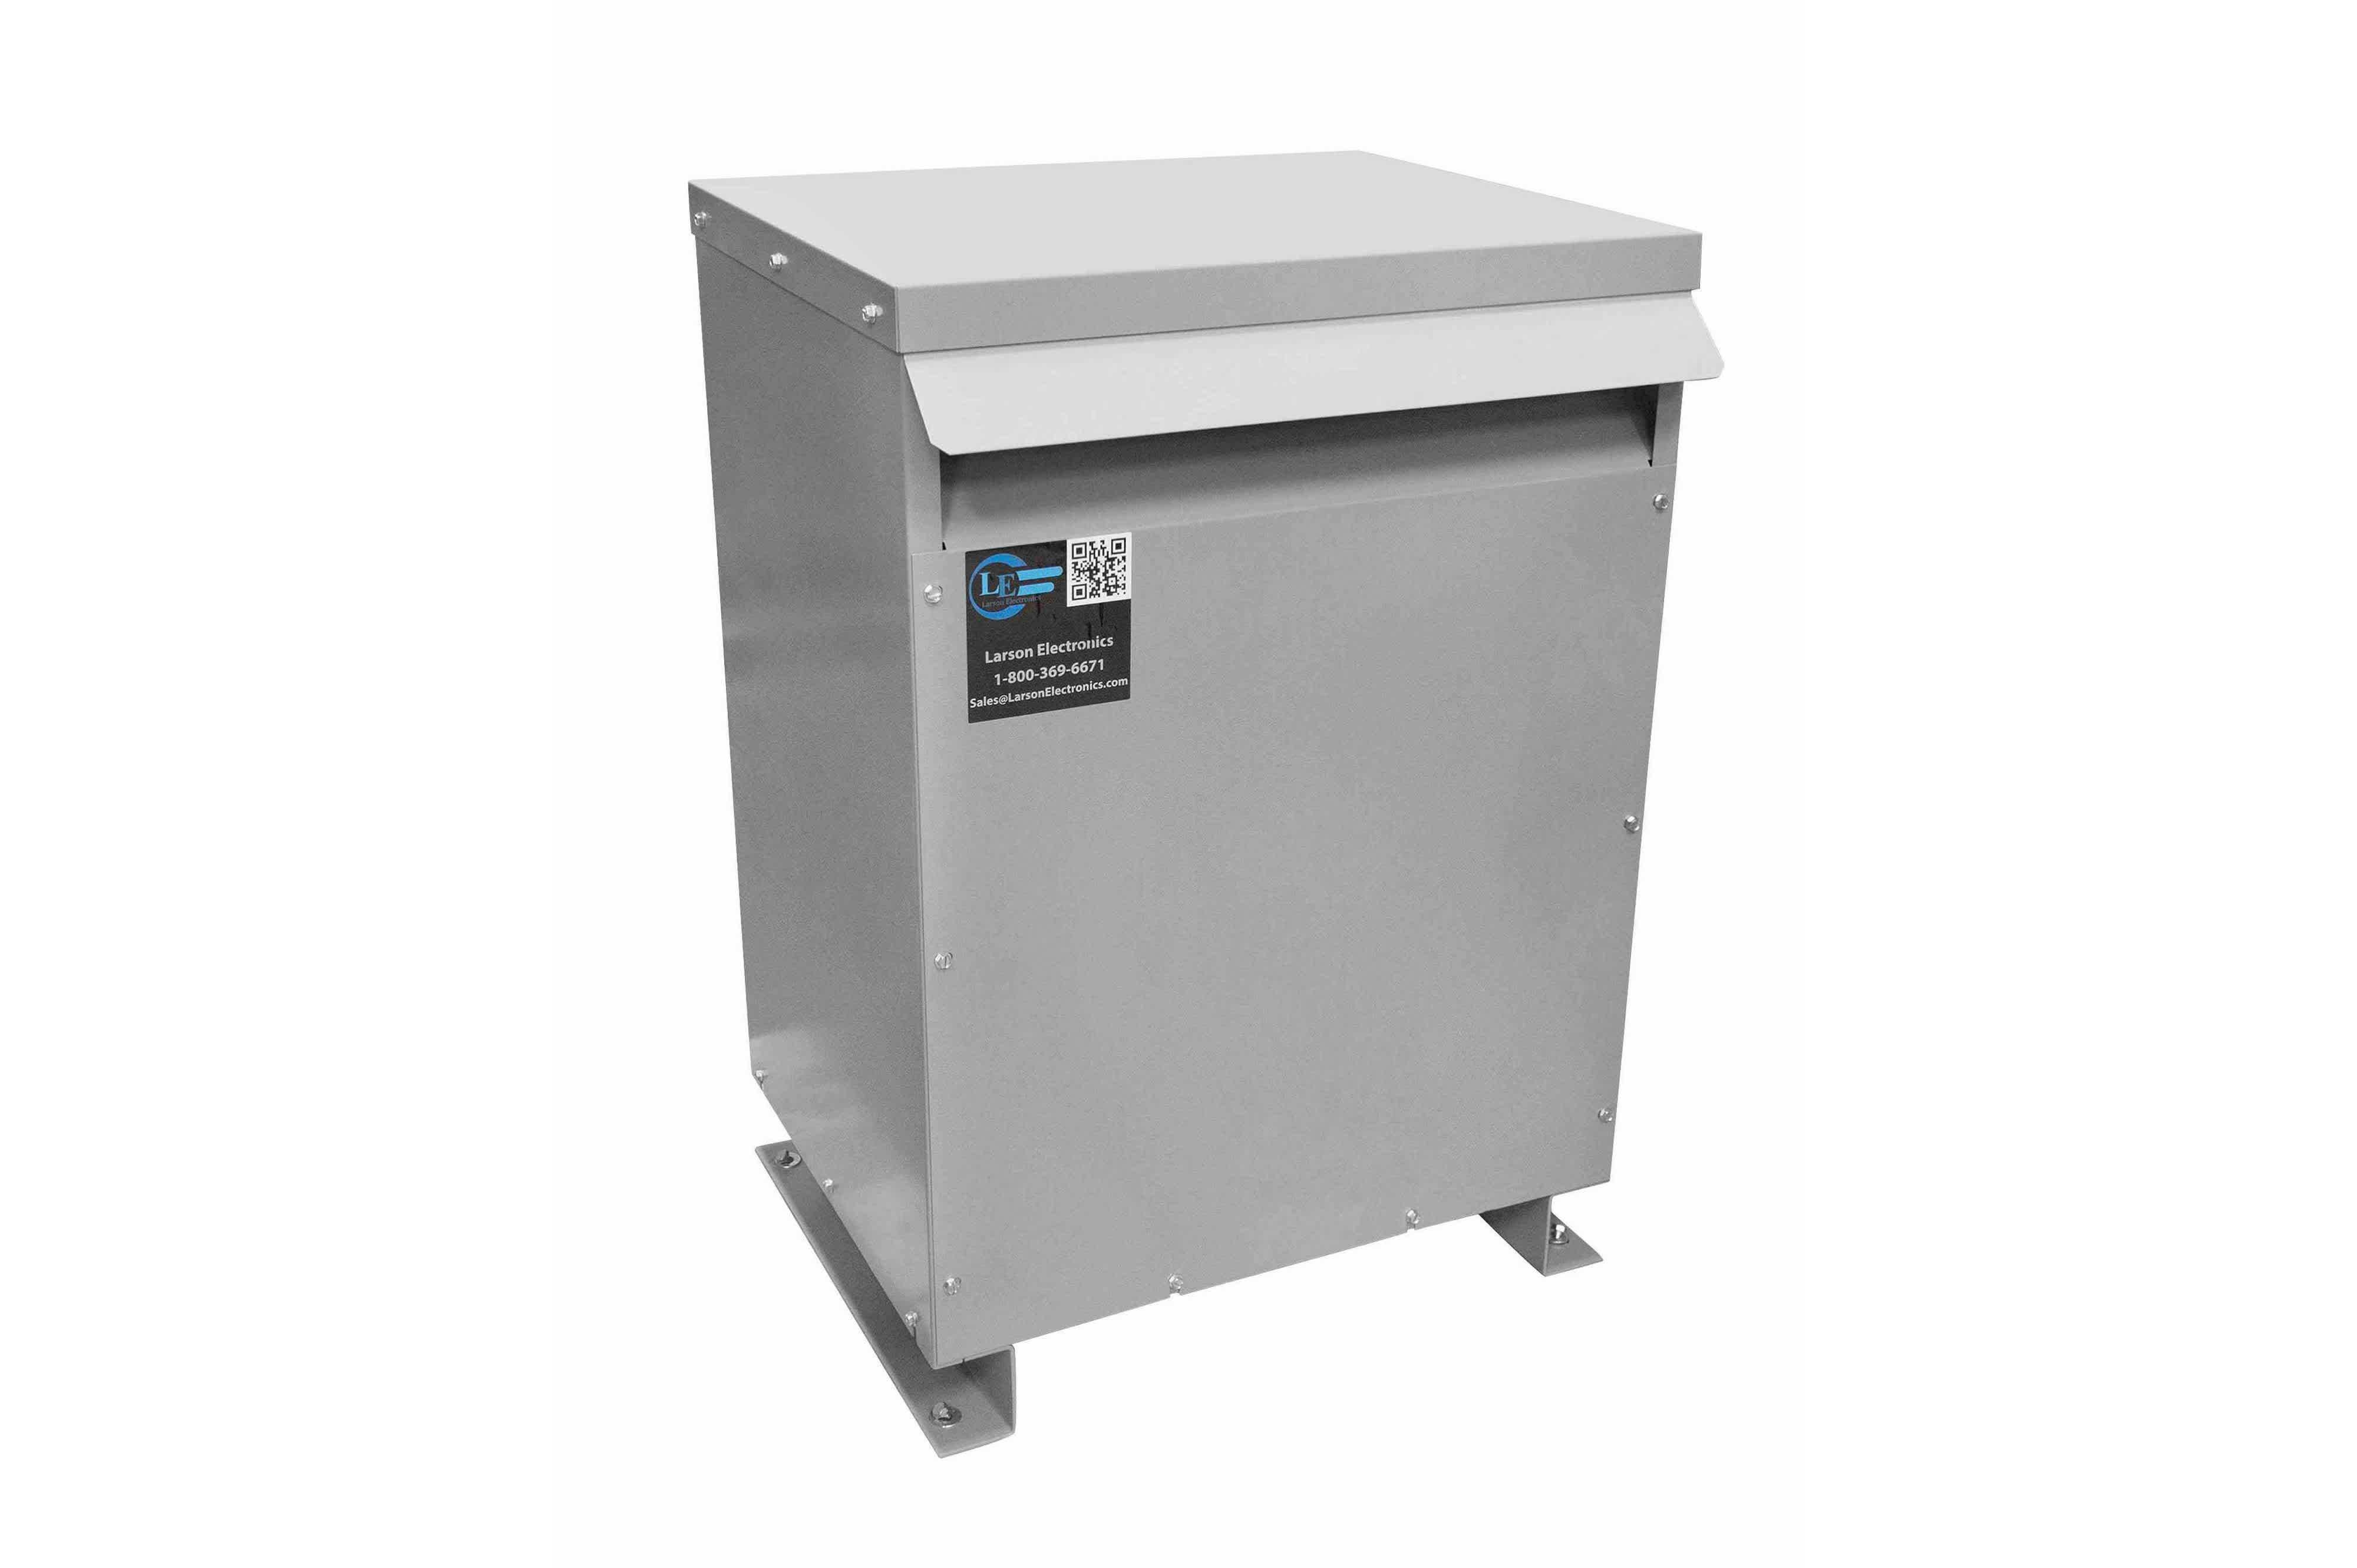 32.5 kVA 3PH Isolation Transformer, 208V Delta Primary, 400V Delta Secondary, N3R, Ventilated, 60 Hz